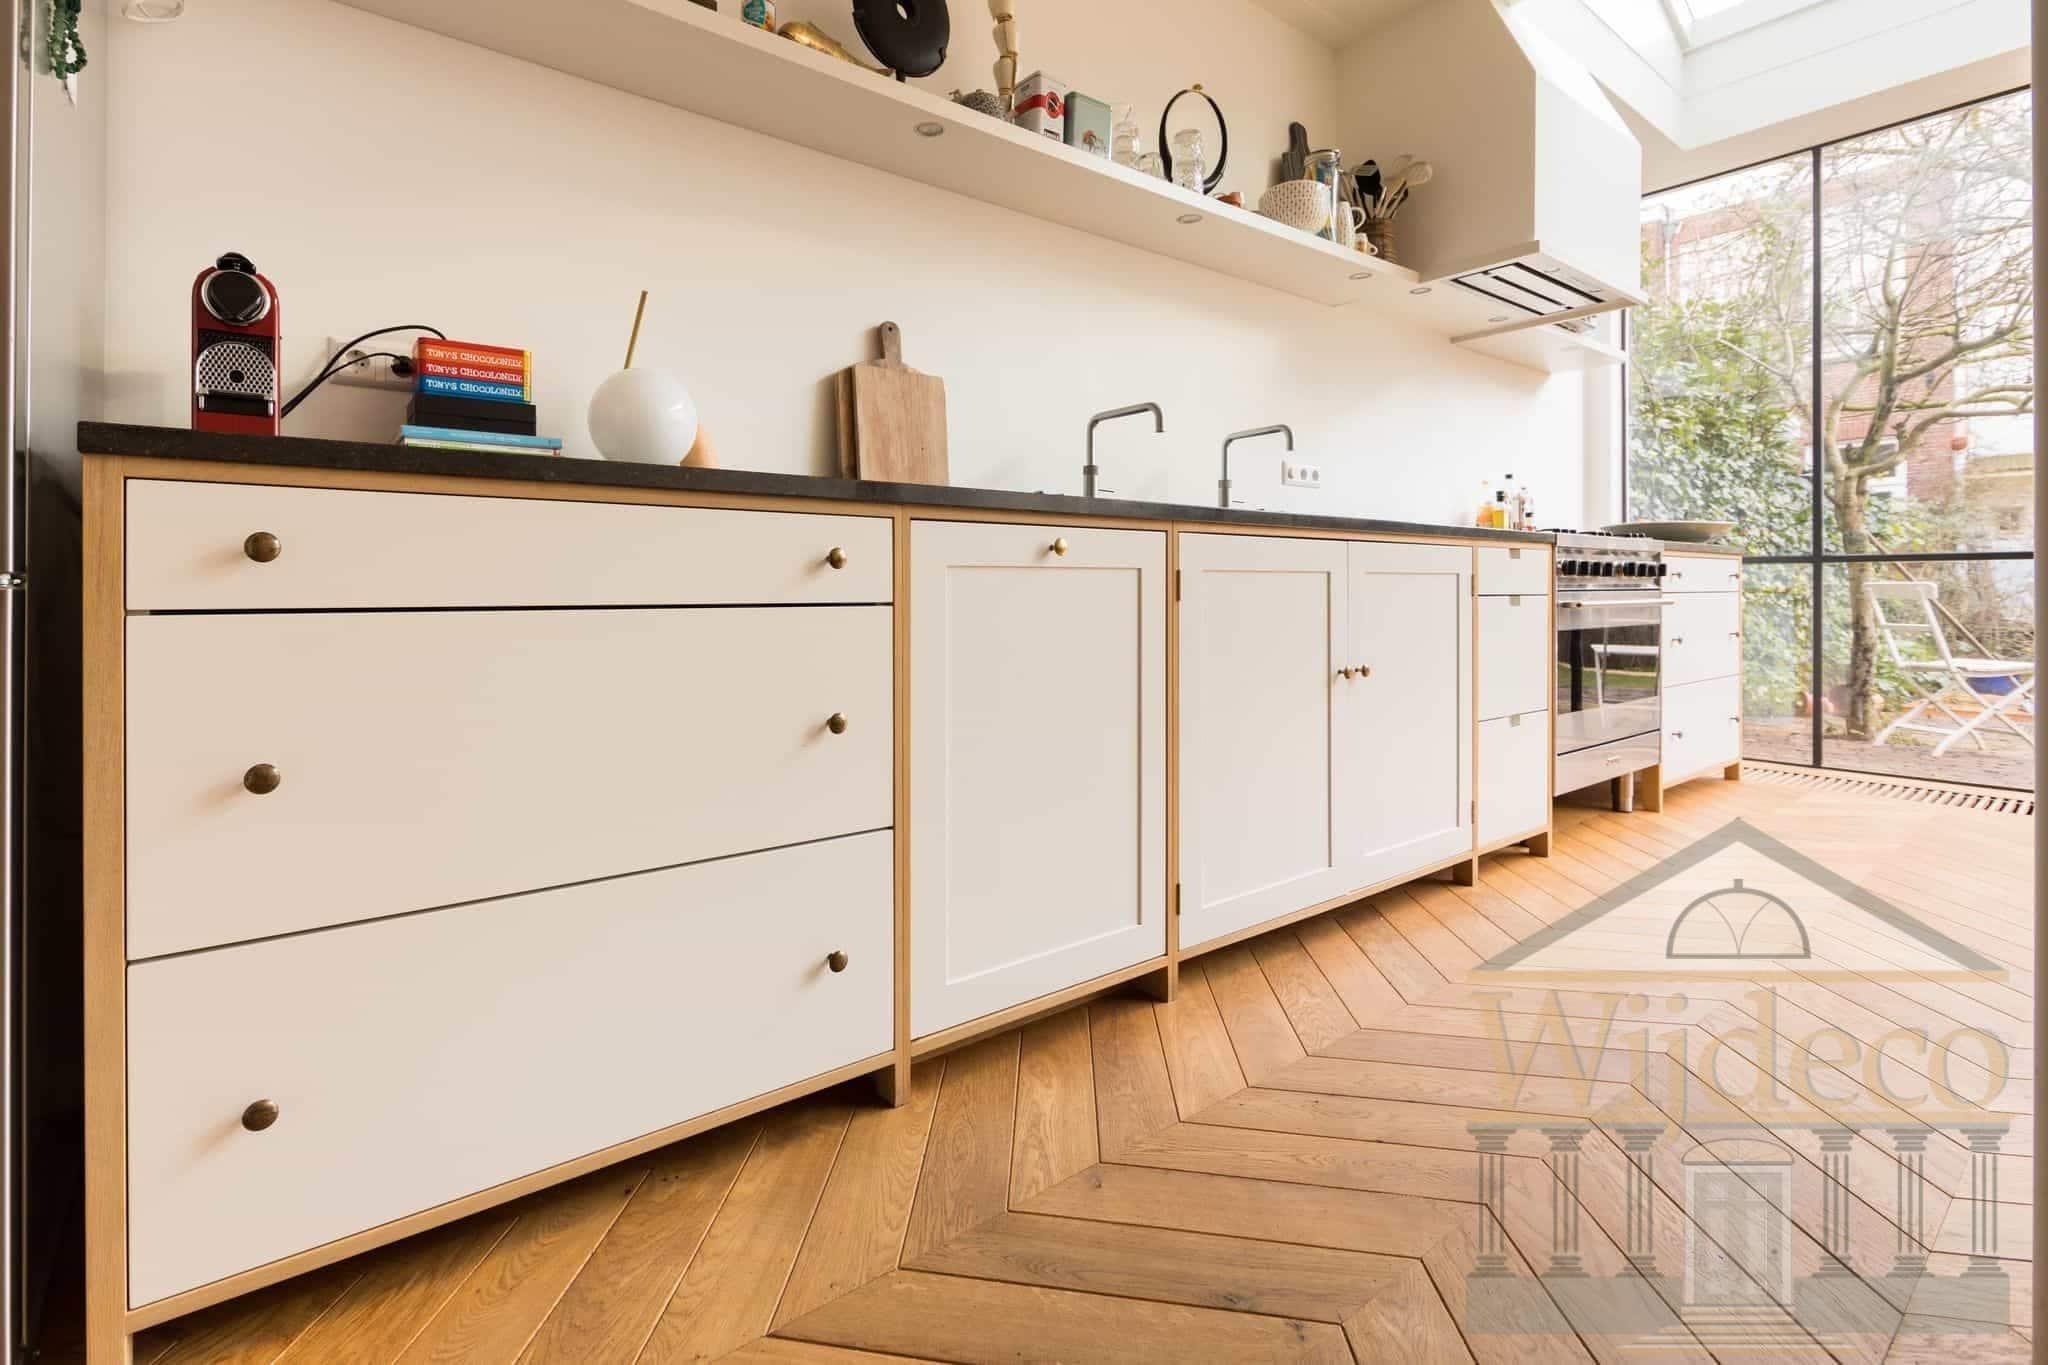 Keuken Op Maat : Amsterdam houten keuken op maat gemaakt wijdeco